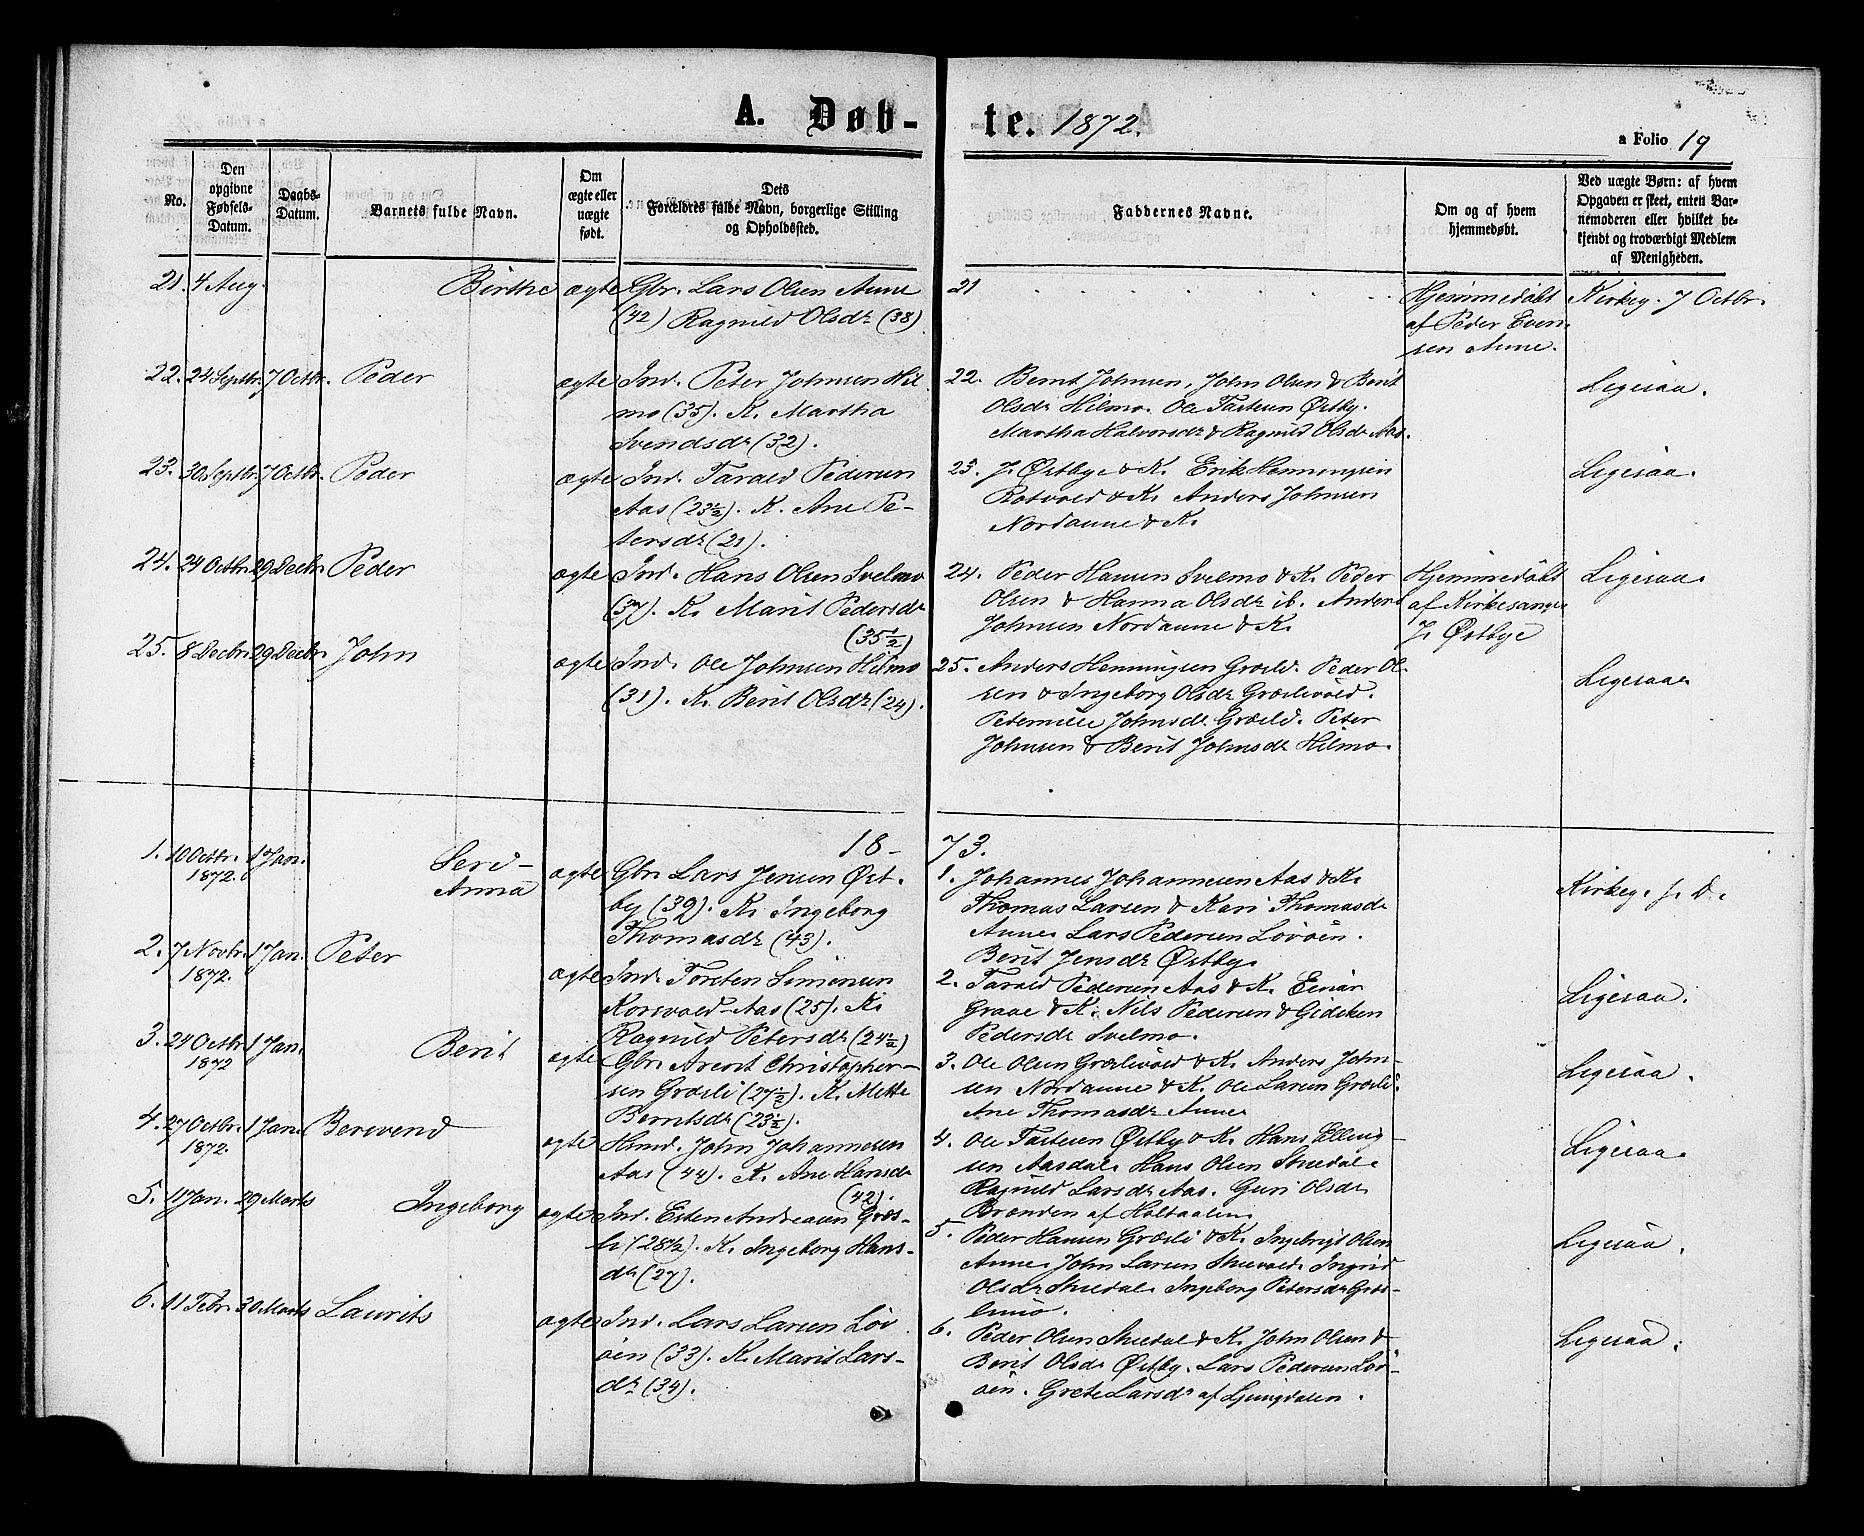 SAT, Ministerialprotokoller, klokkerbøker og fødselsregistre - Sør-Trøndelag, 698/L1163: Ministerialbok nr. 698A01, 1862-1887, s. 19